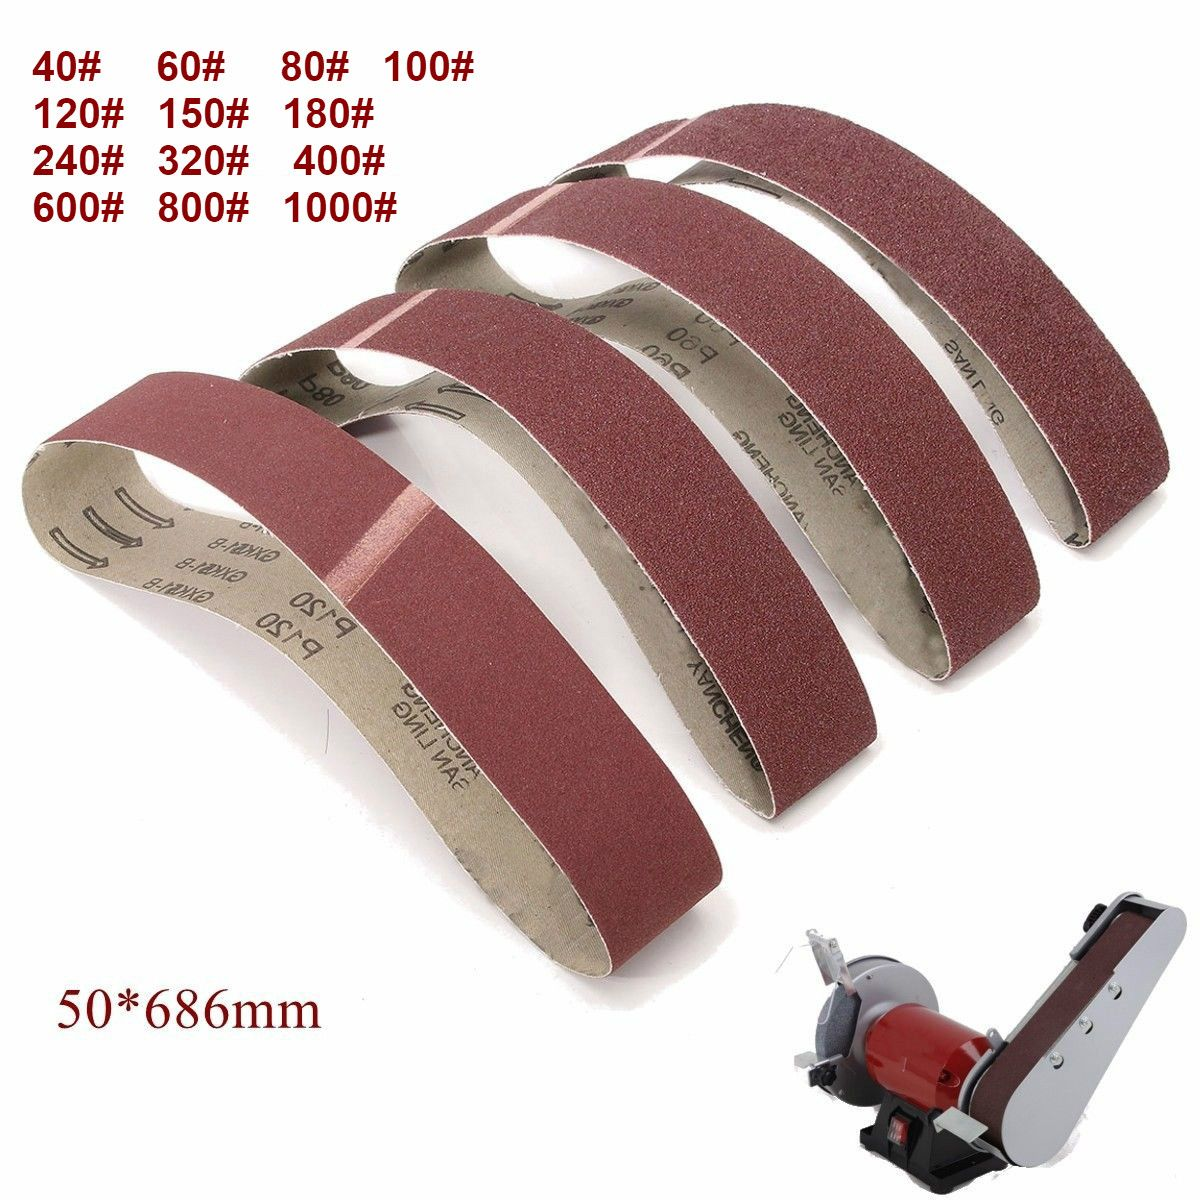 Paquet de 10 bandes abrasives 686*50mm 40-1000 bandes abrasives de ponceuse d'oxyde d'aluminium